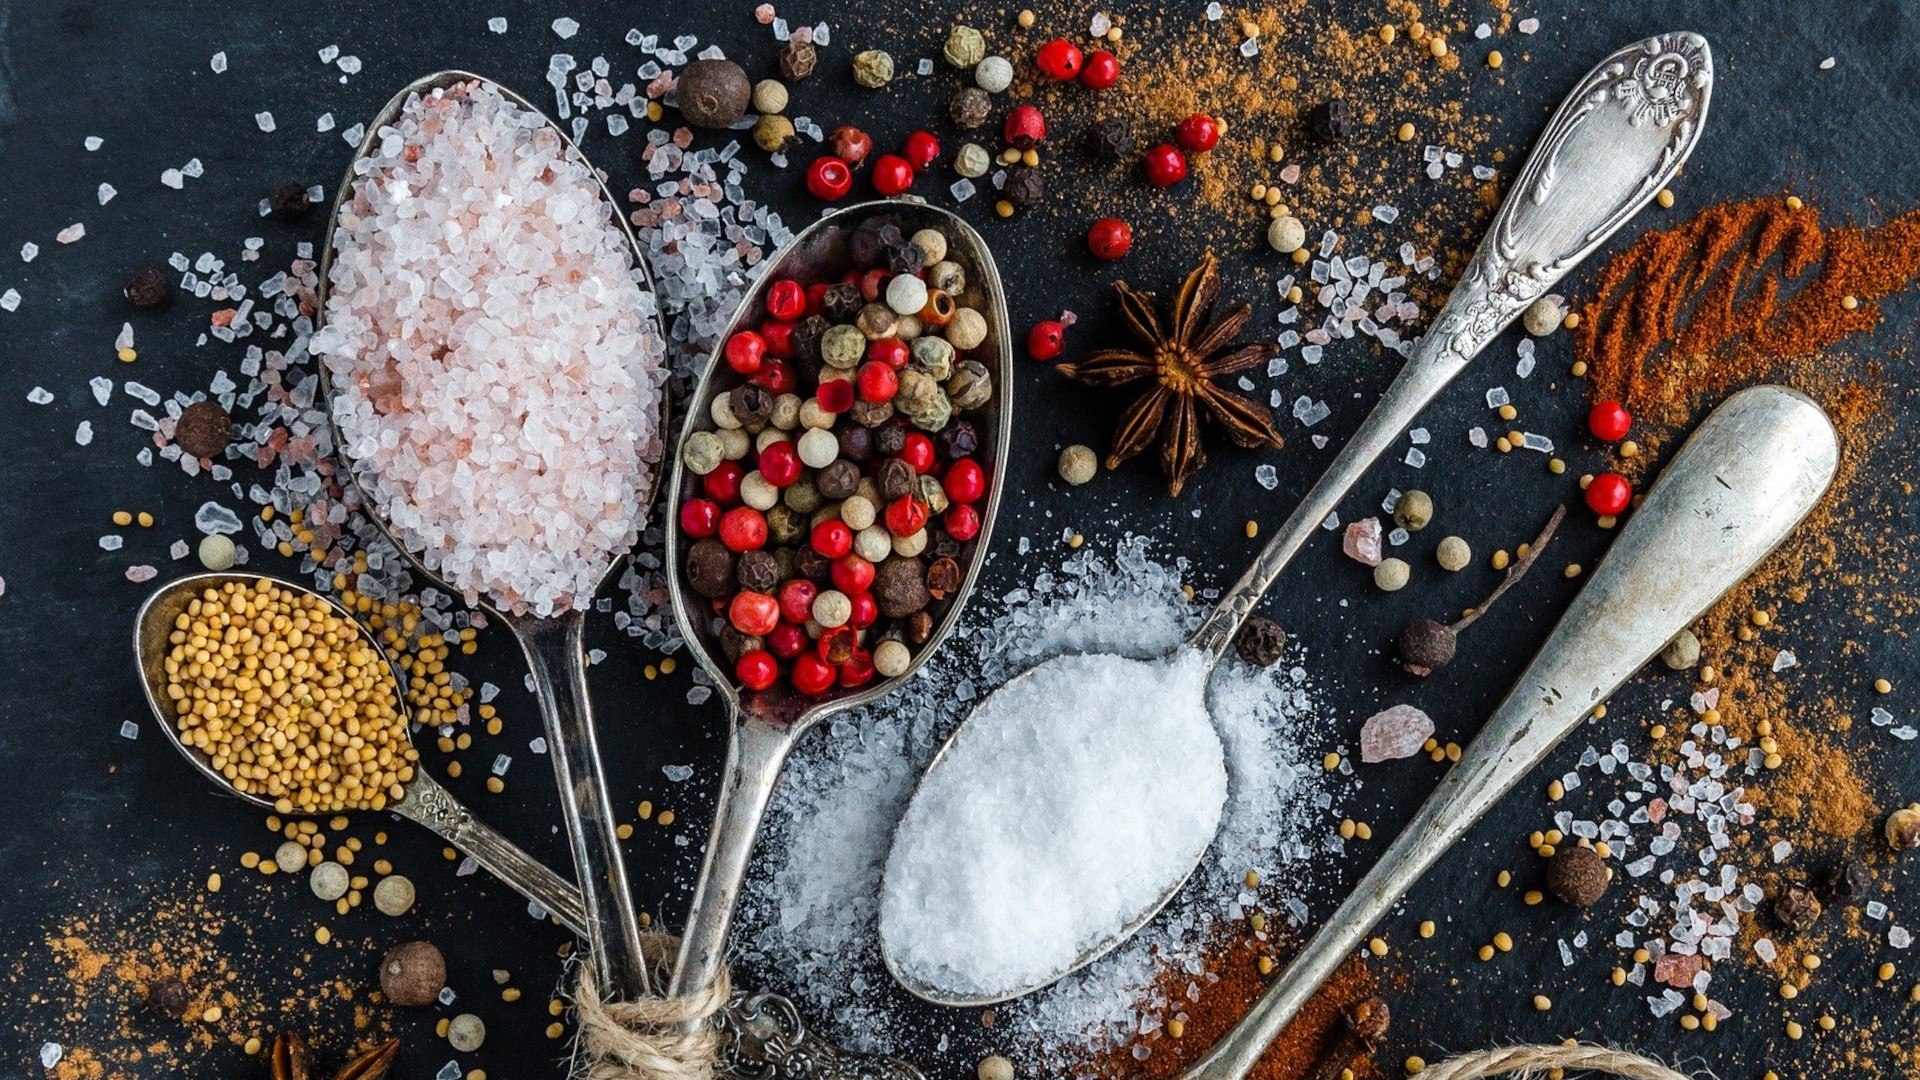 Epices, poivres, baies et sels du monde - Choix d'excellence - Parlapapa